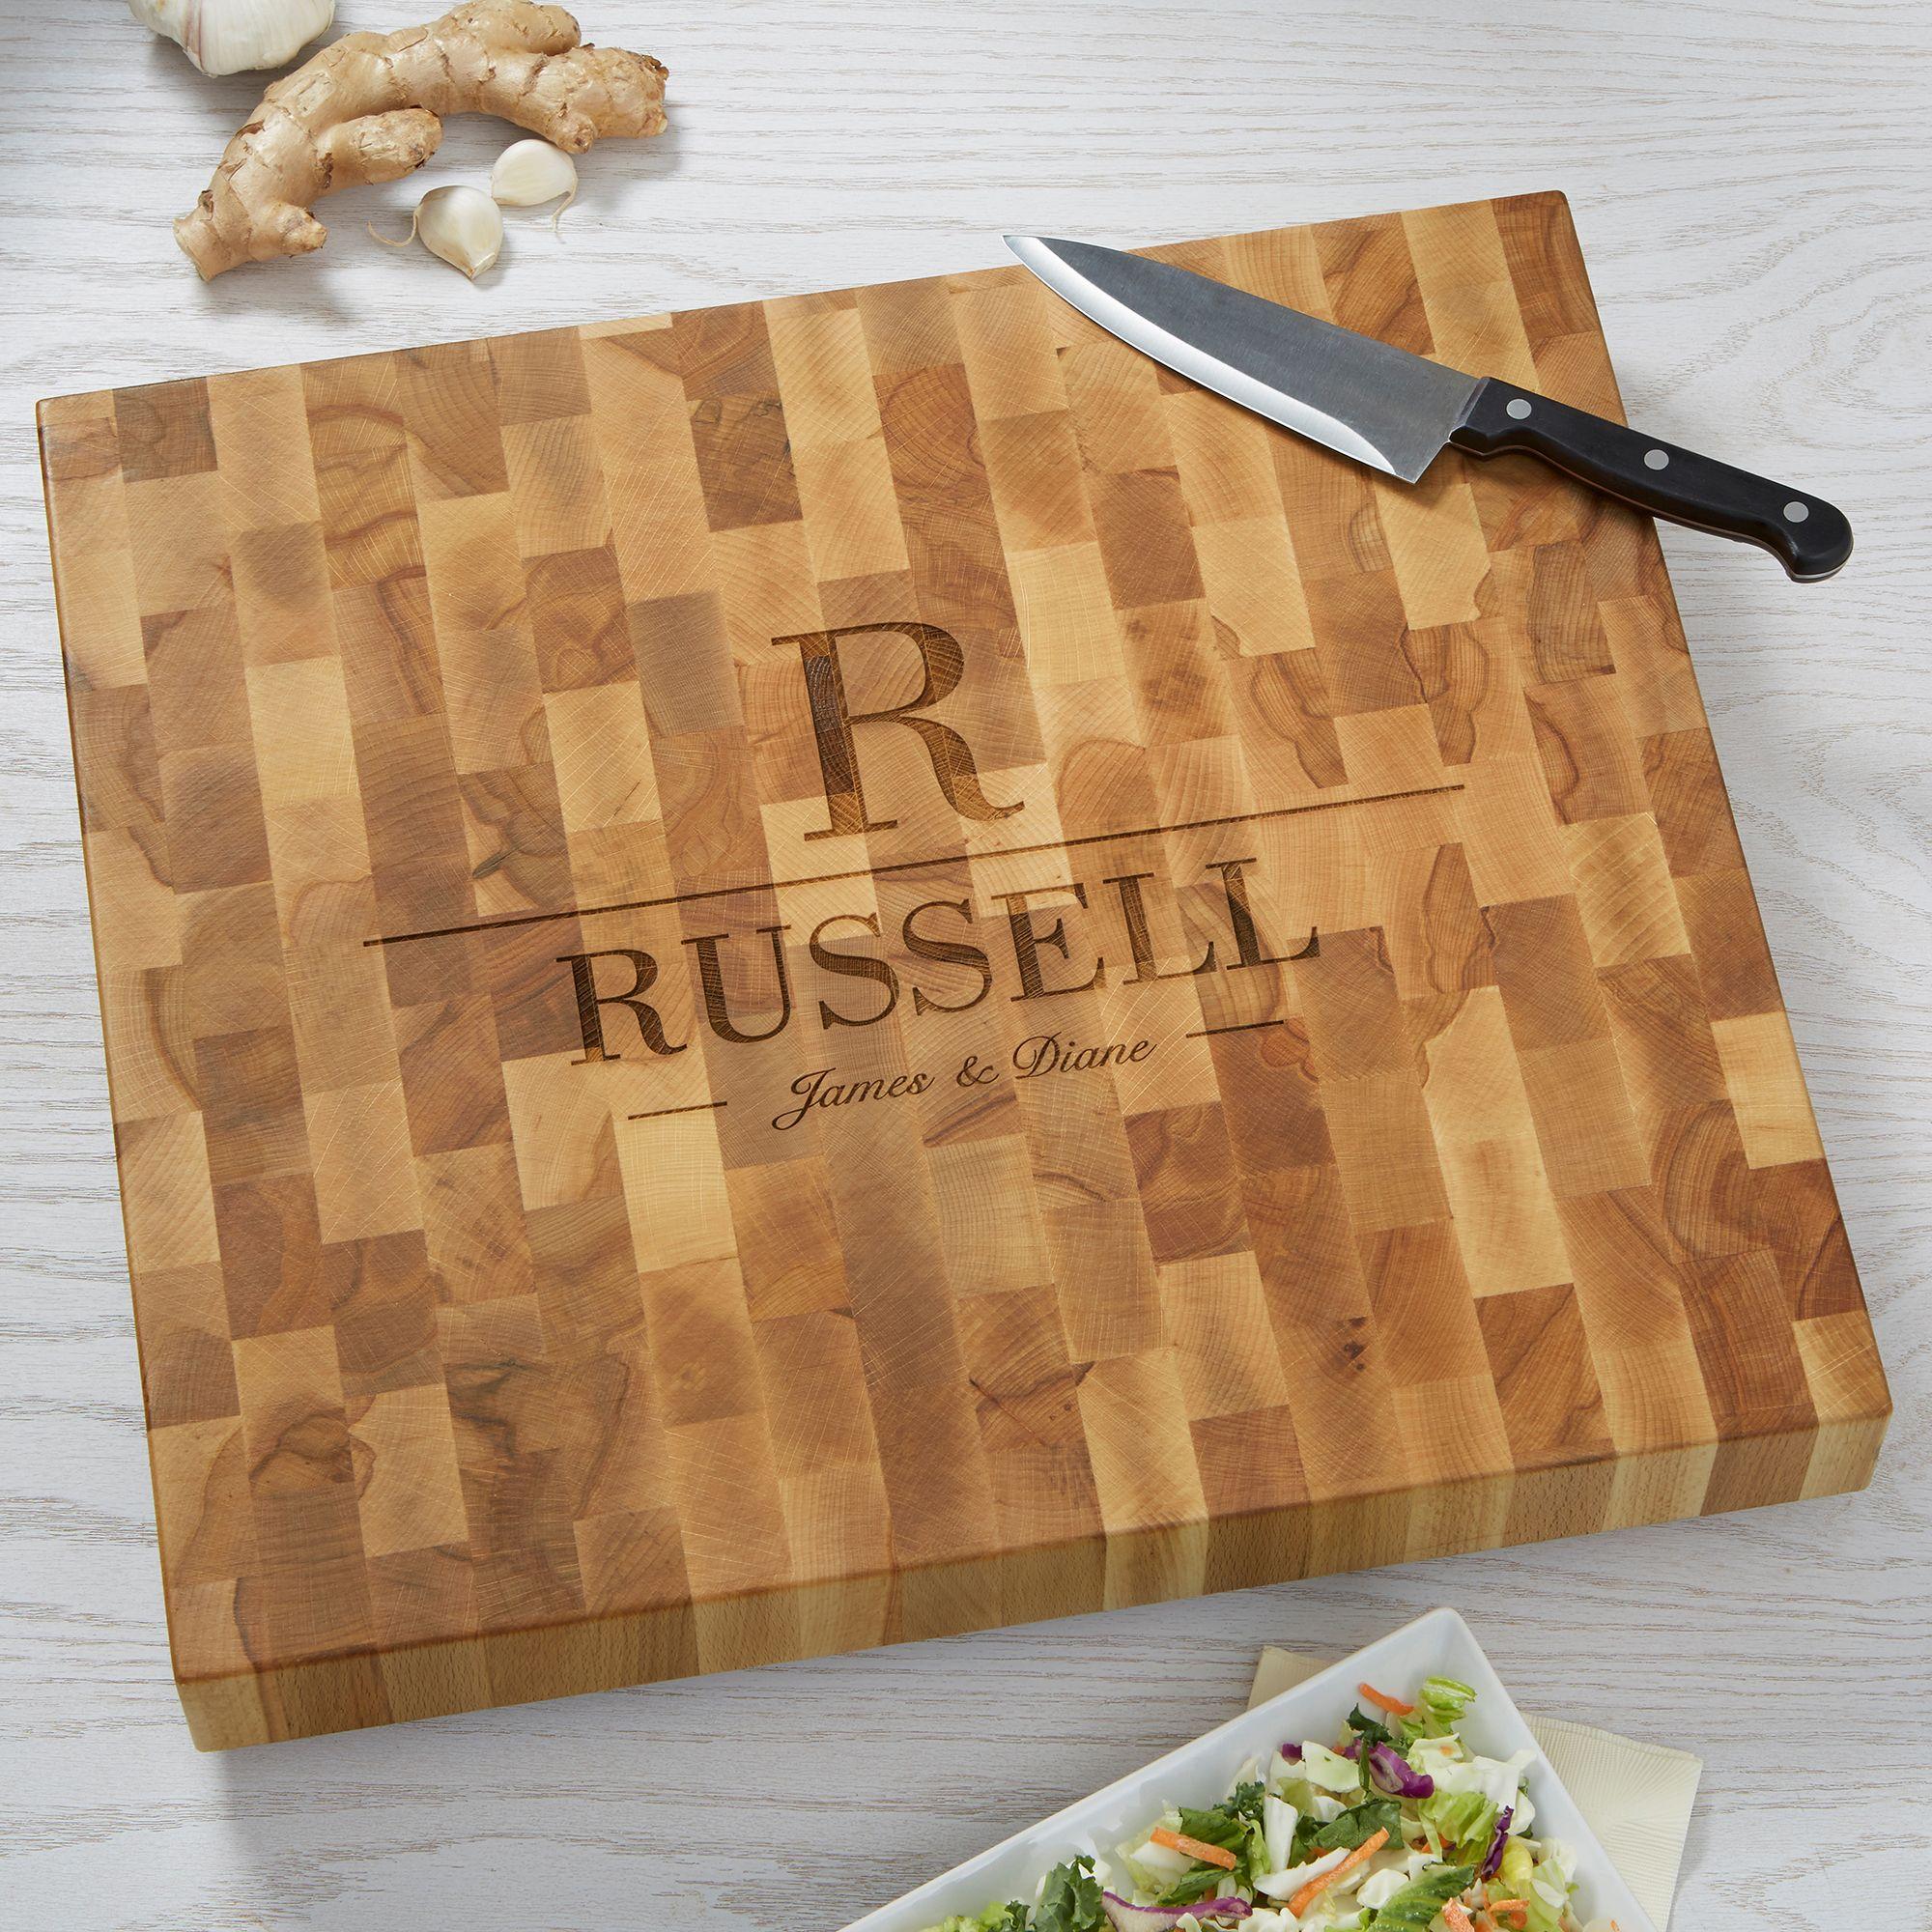 decorative name u initial personalized butcher block cutting